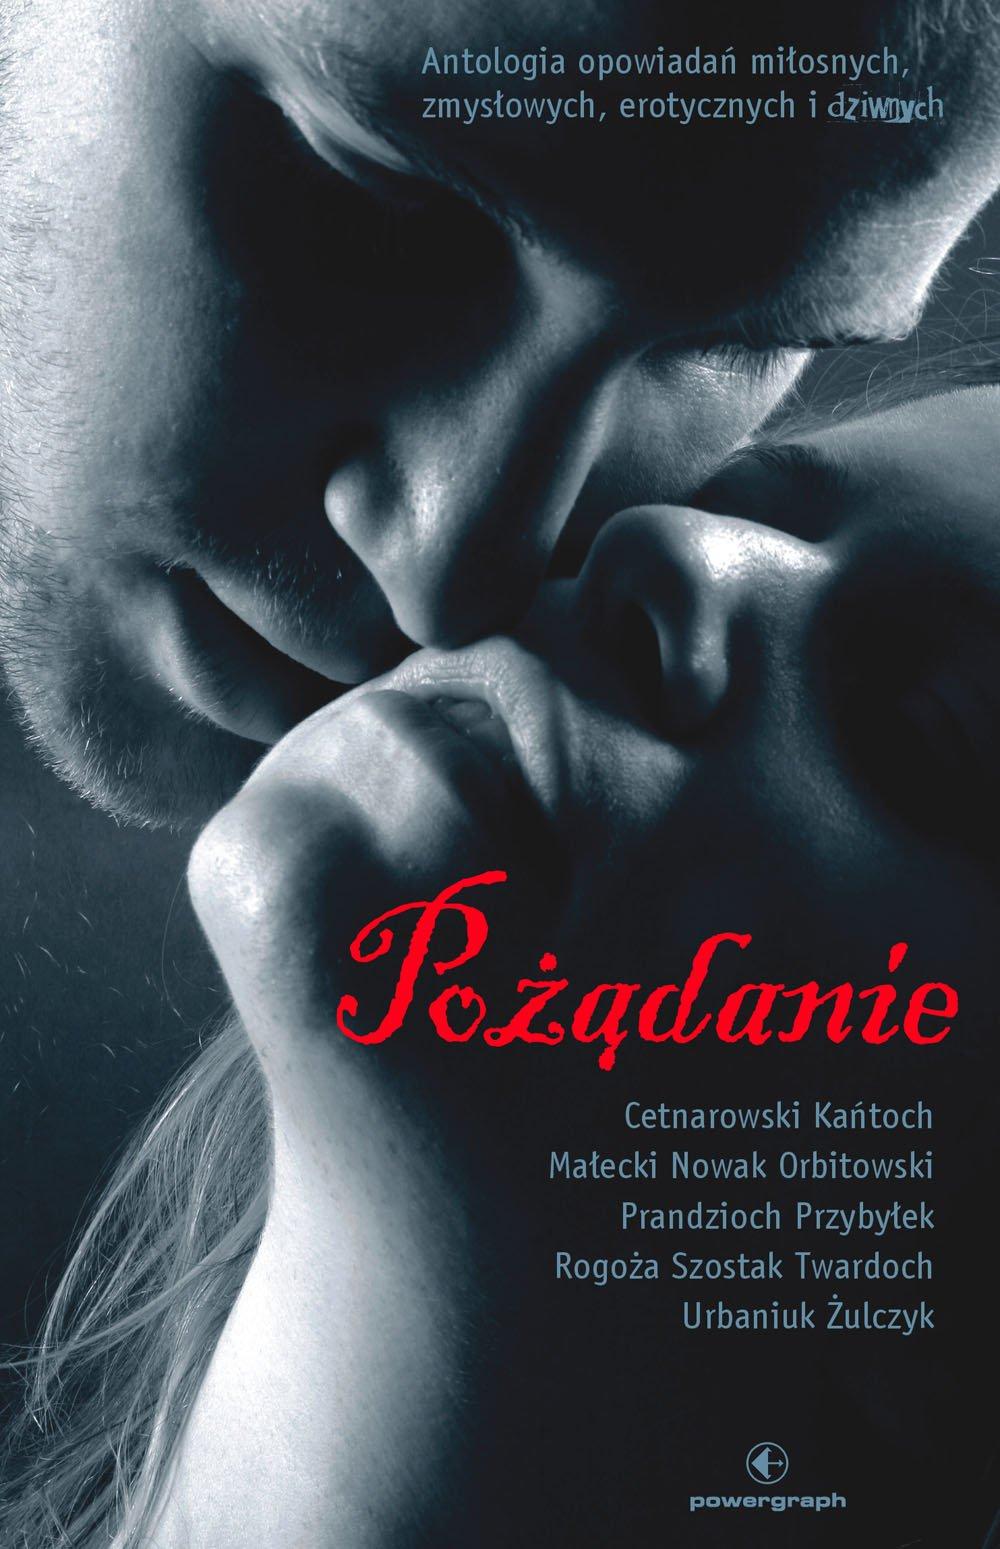 Pożądanie. Antologia opowiadań miłosnych, zmysłowych, erotycznych i dziwnych - Ebook (Książka na Kindle) do pobrania w formacie MOBI